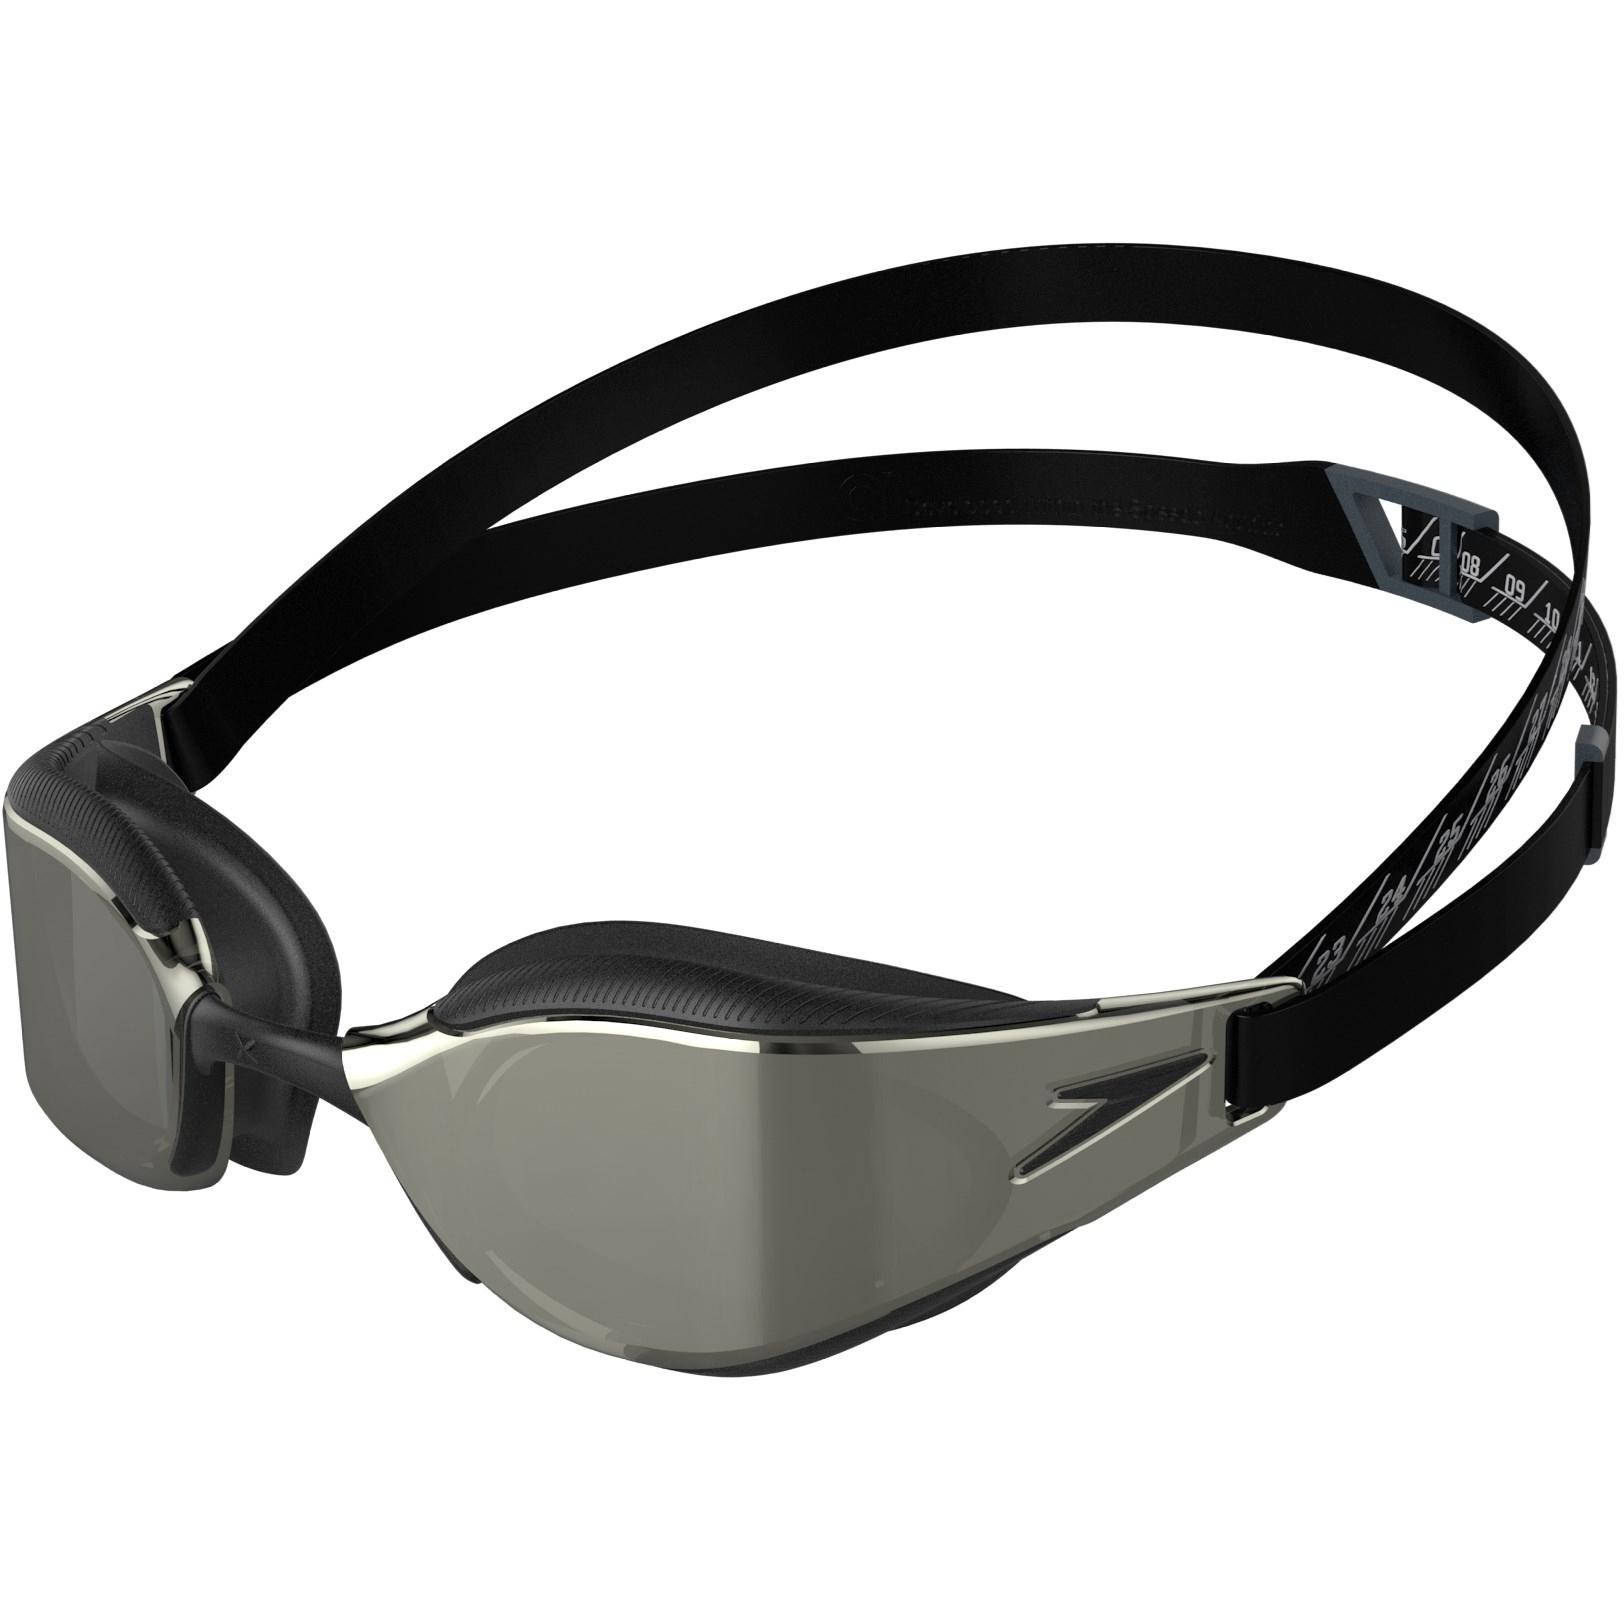 Produktbild von Speedo Fastskin Hyper Elite Mirror Schwimmbrille - black/oxid grey/chrome